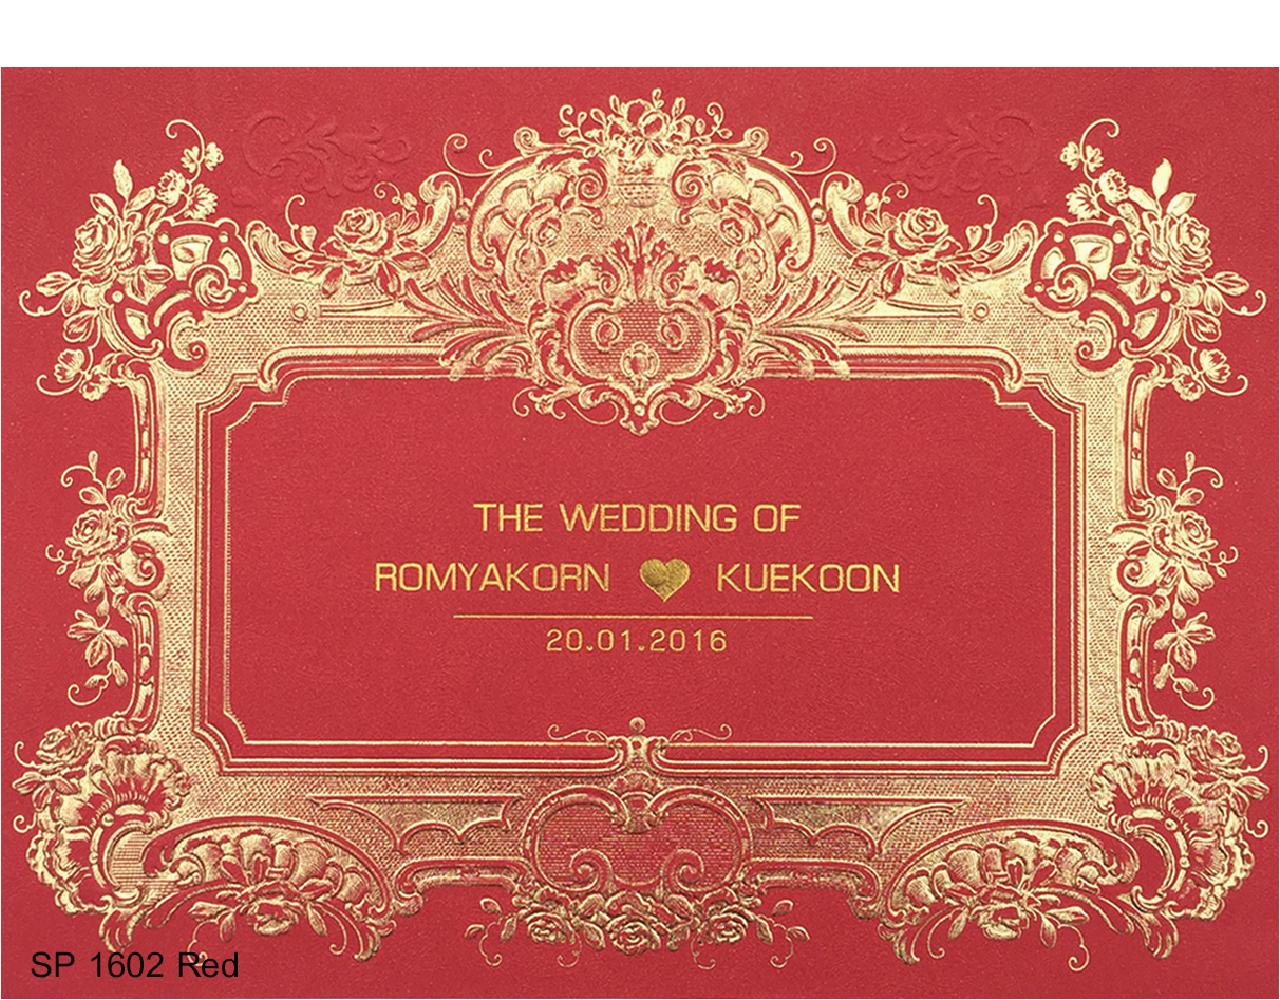 การ์ดแต่งงาน การ์ดเชิญงานแต่ง สีแดง พิมพ์ทอง ลวดลายเรียบหรู ปั๊มนูน wedding card 8.5x6 inch sp 1602 Red